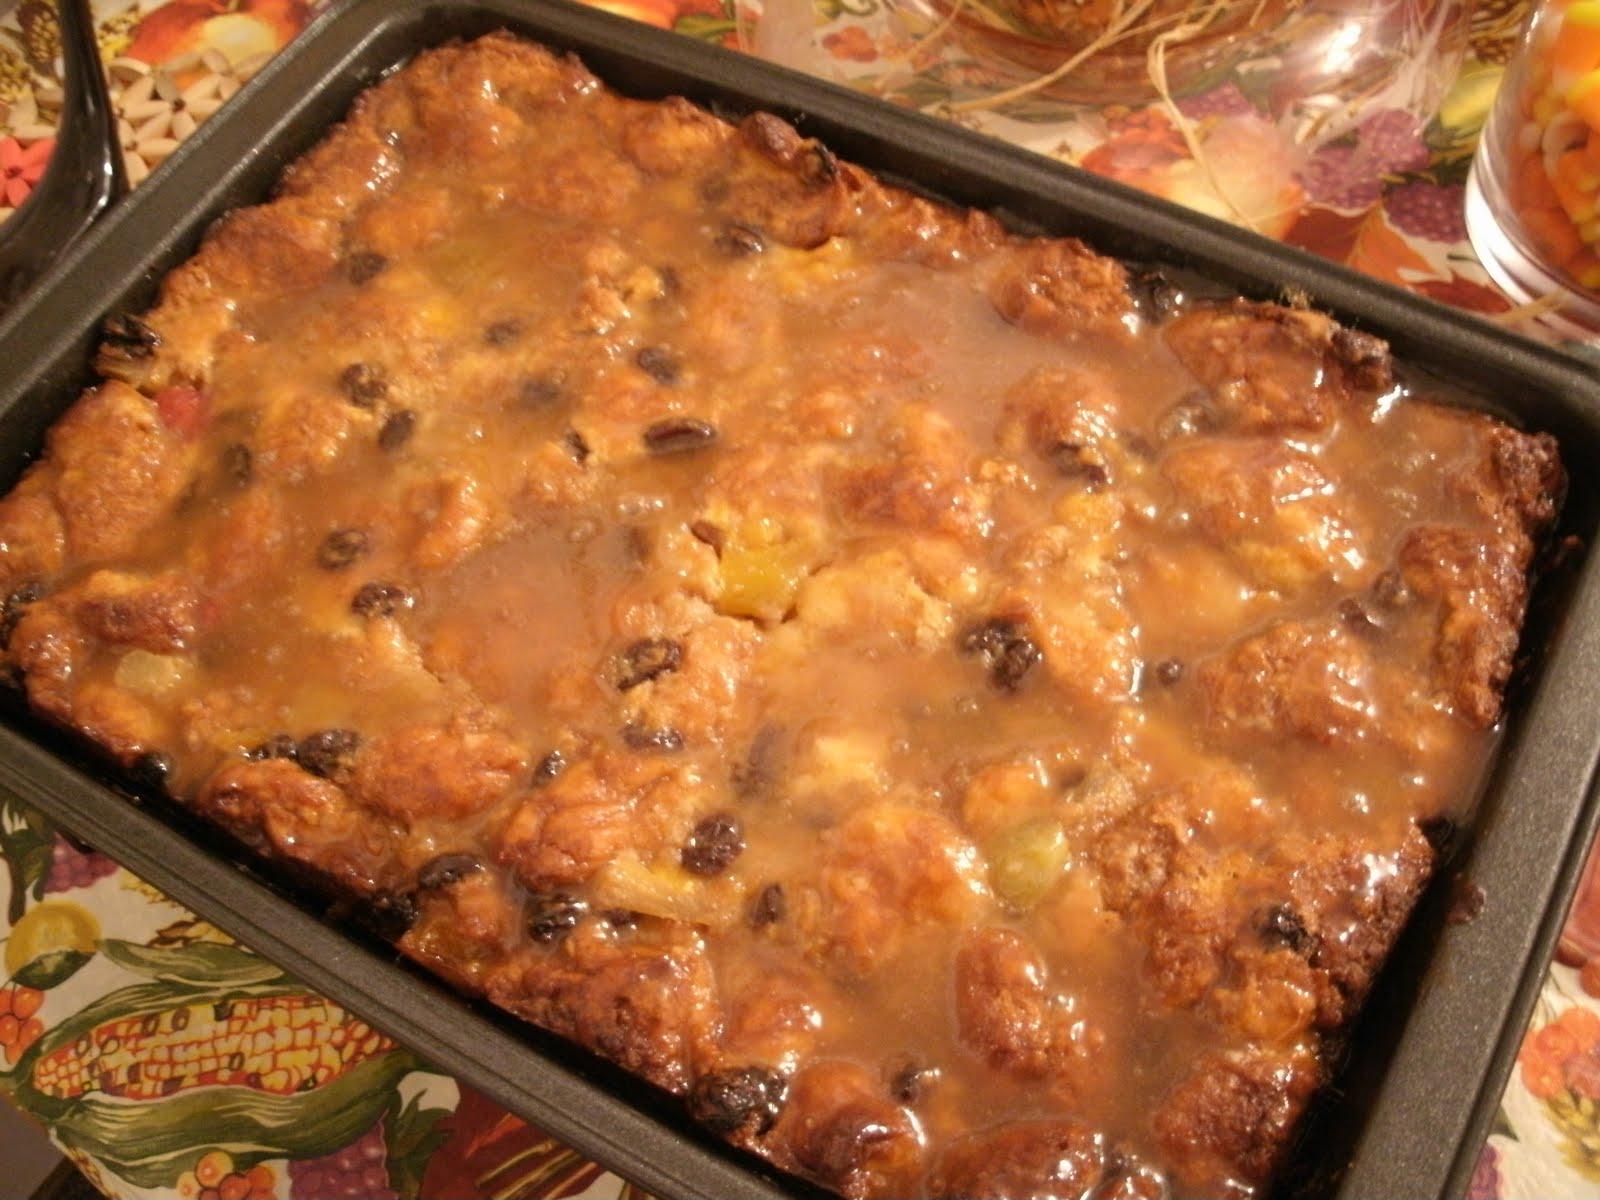 ... bread pudding ii pumpkin bread pudding nutella bread pudding doughnut